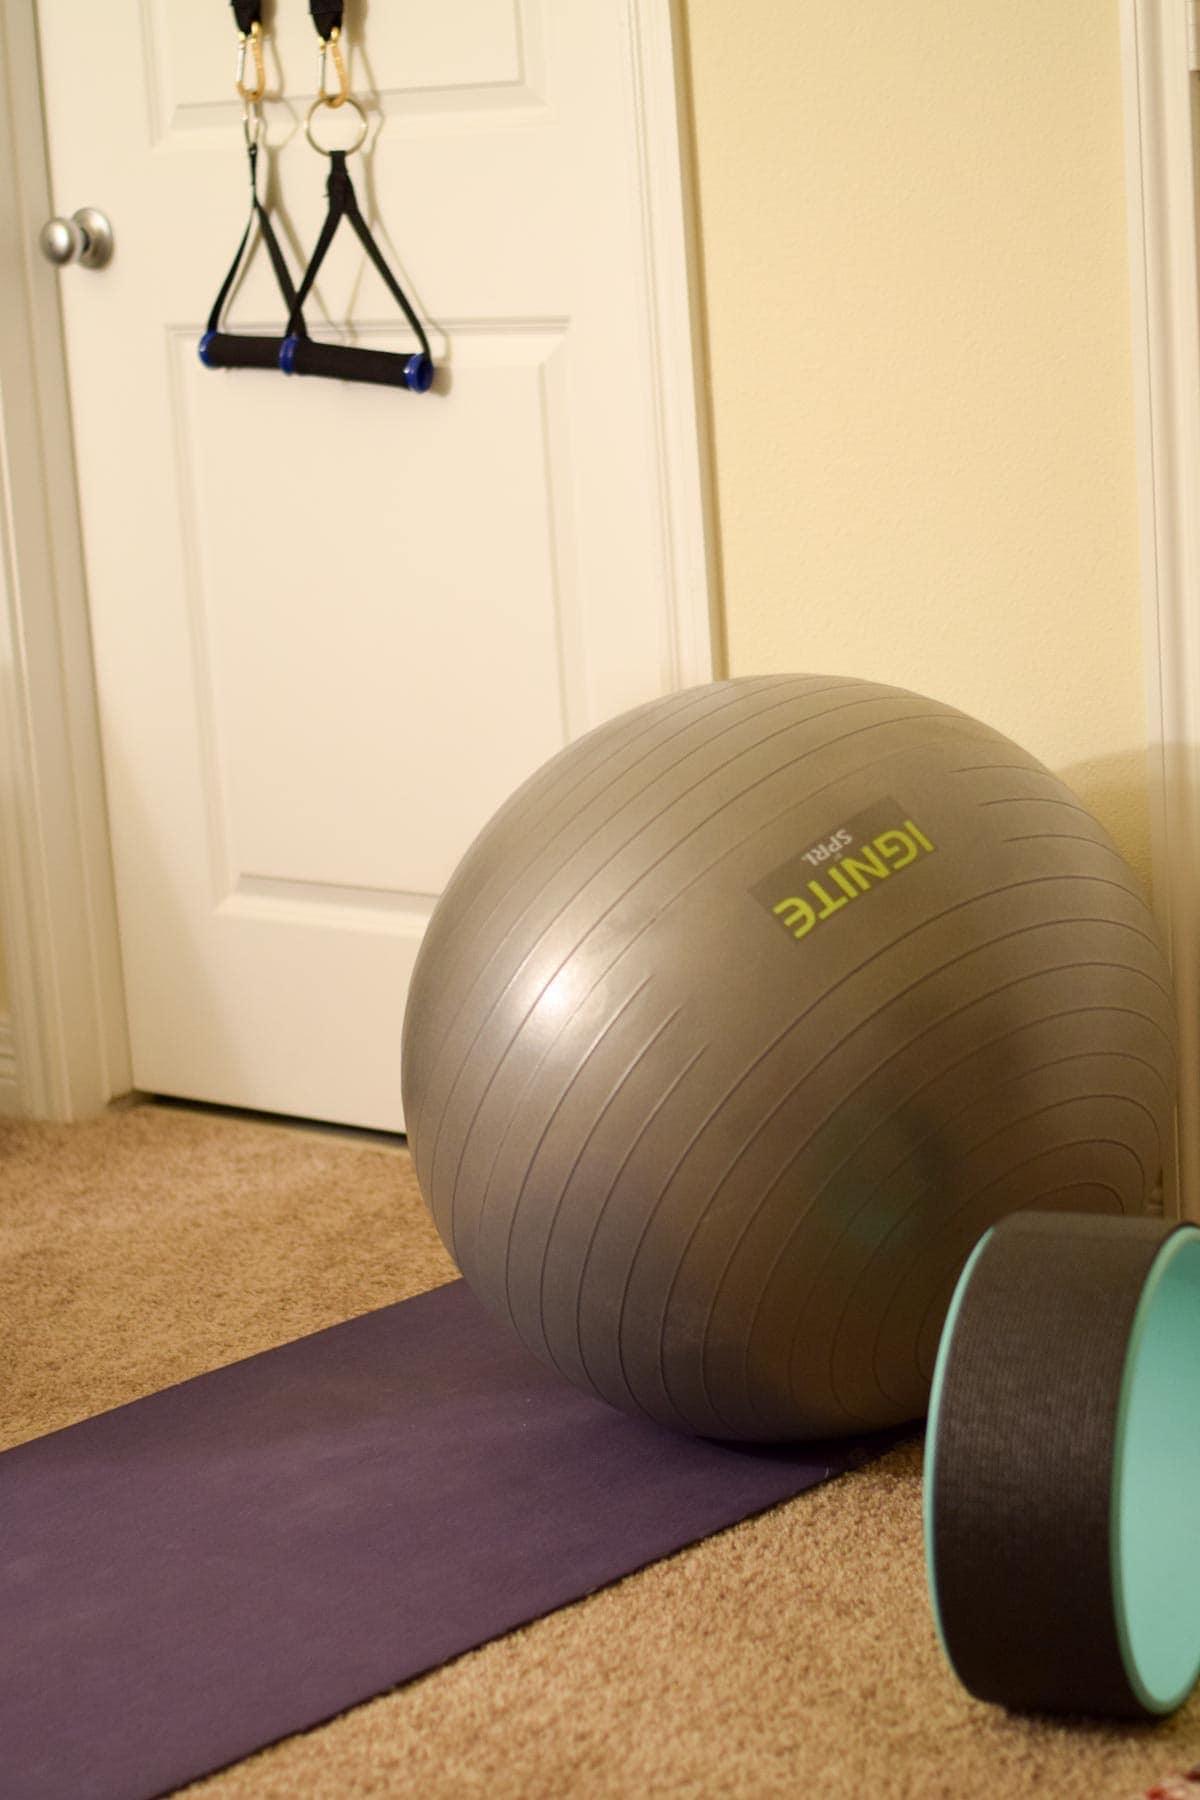 Choosing The Best Workout Plan